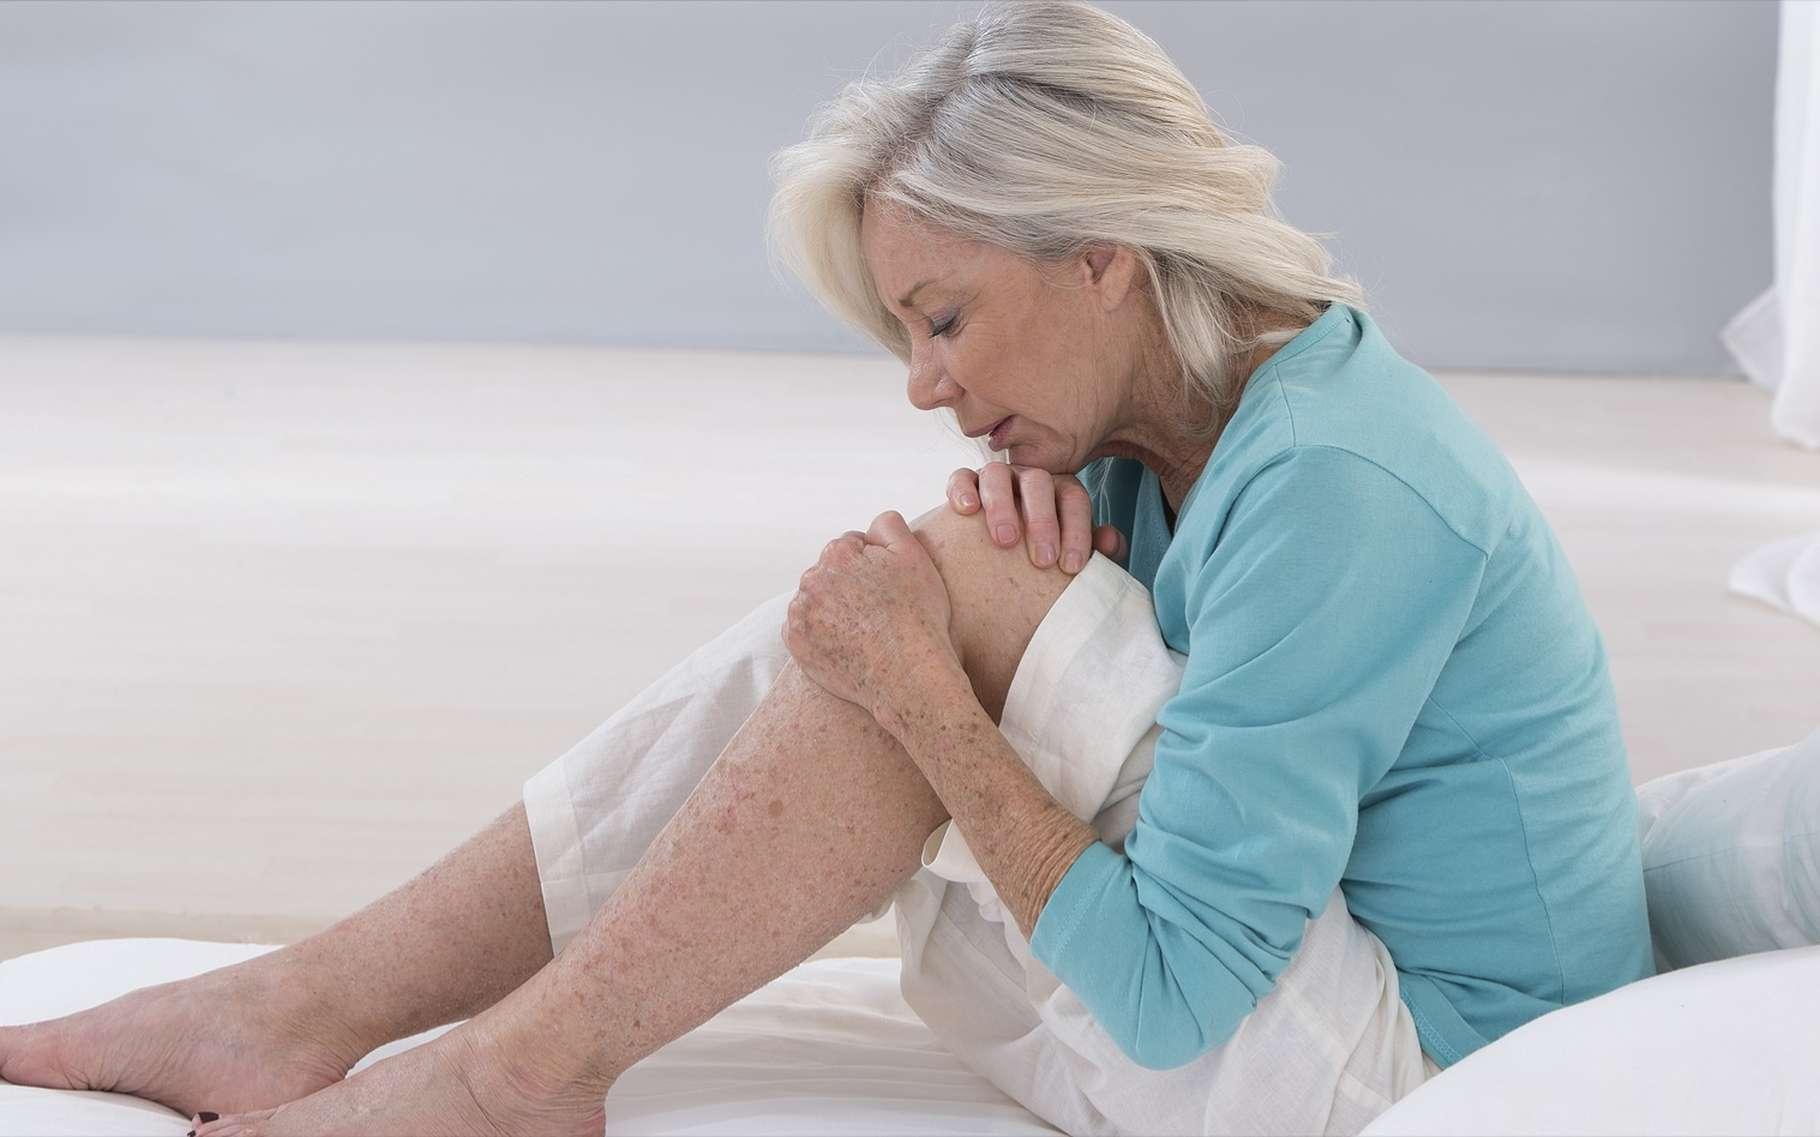 Des douleurs articulaires peuvent être le signe que la bactérie responsable de la maladie de Lyme se répand dans l'organisme. © JPC-PROD, Shutterstock